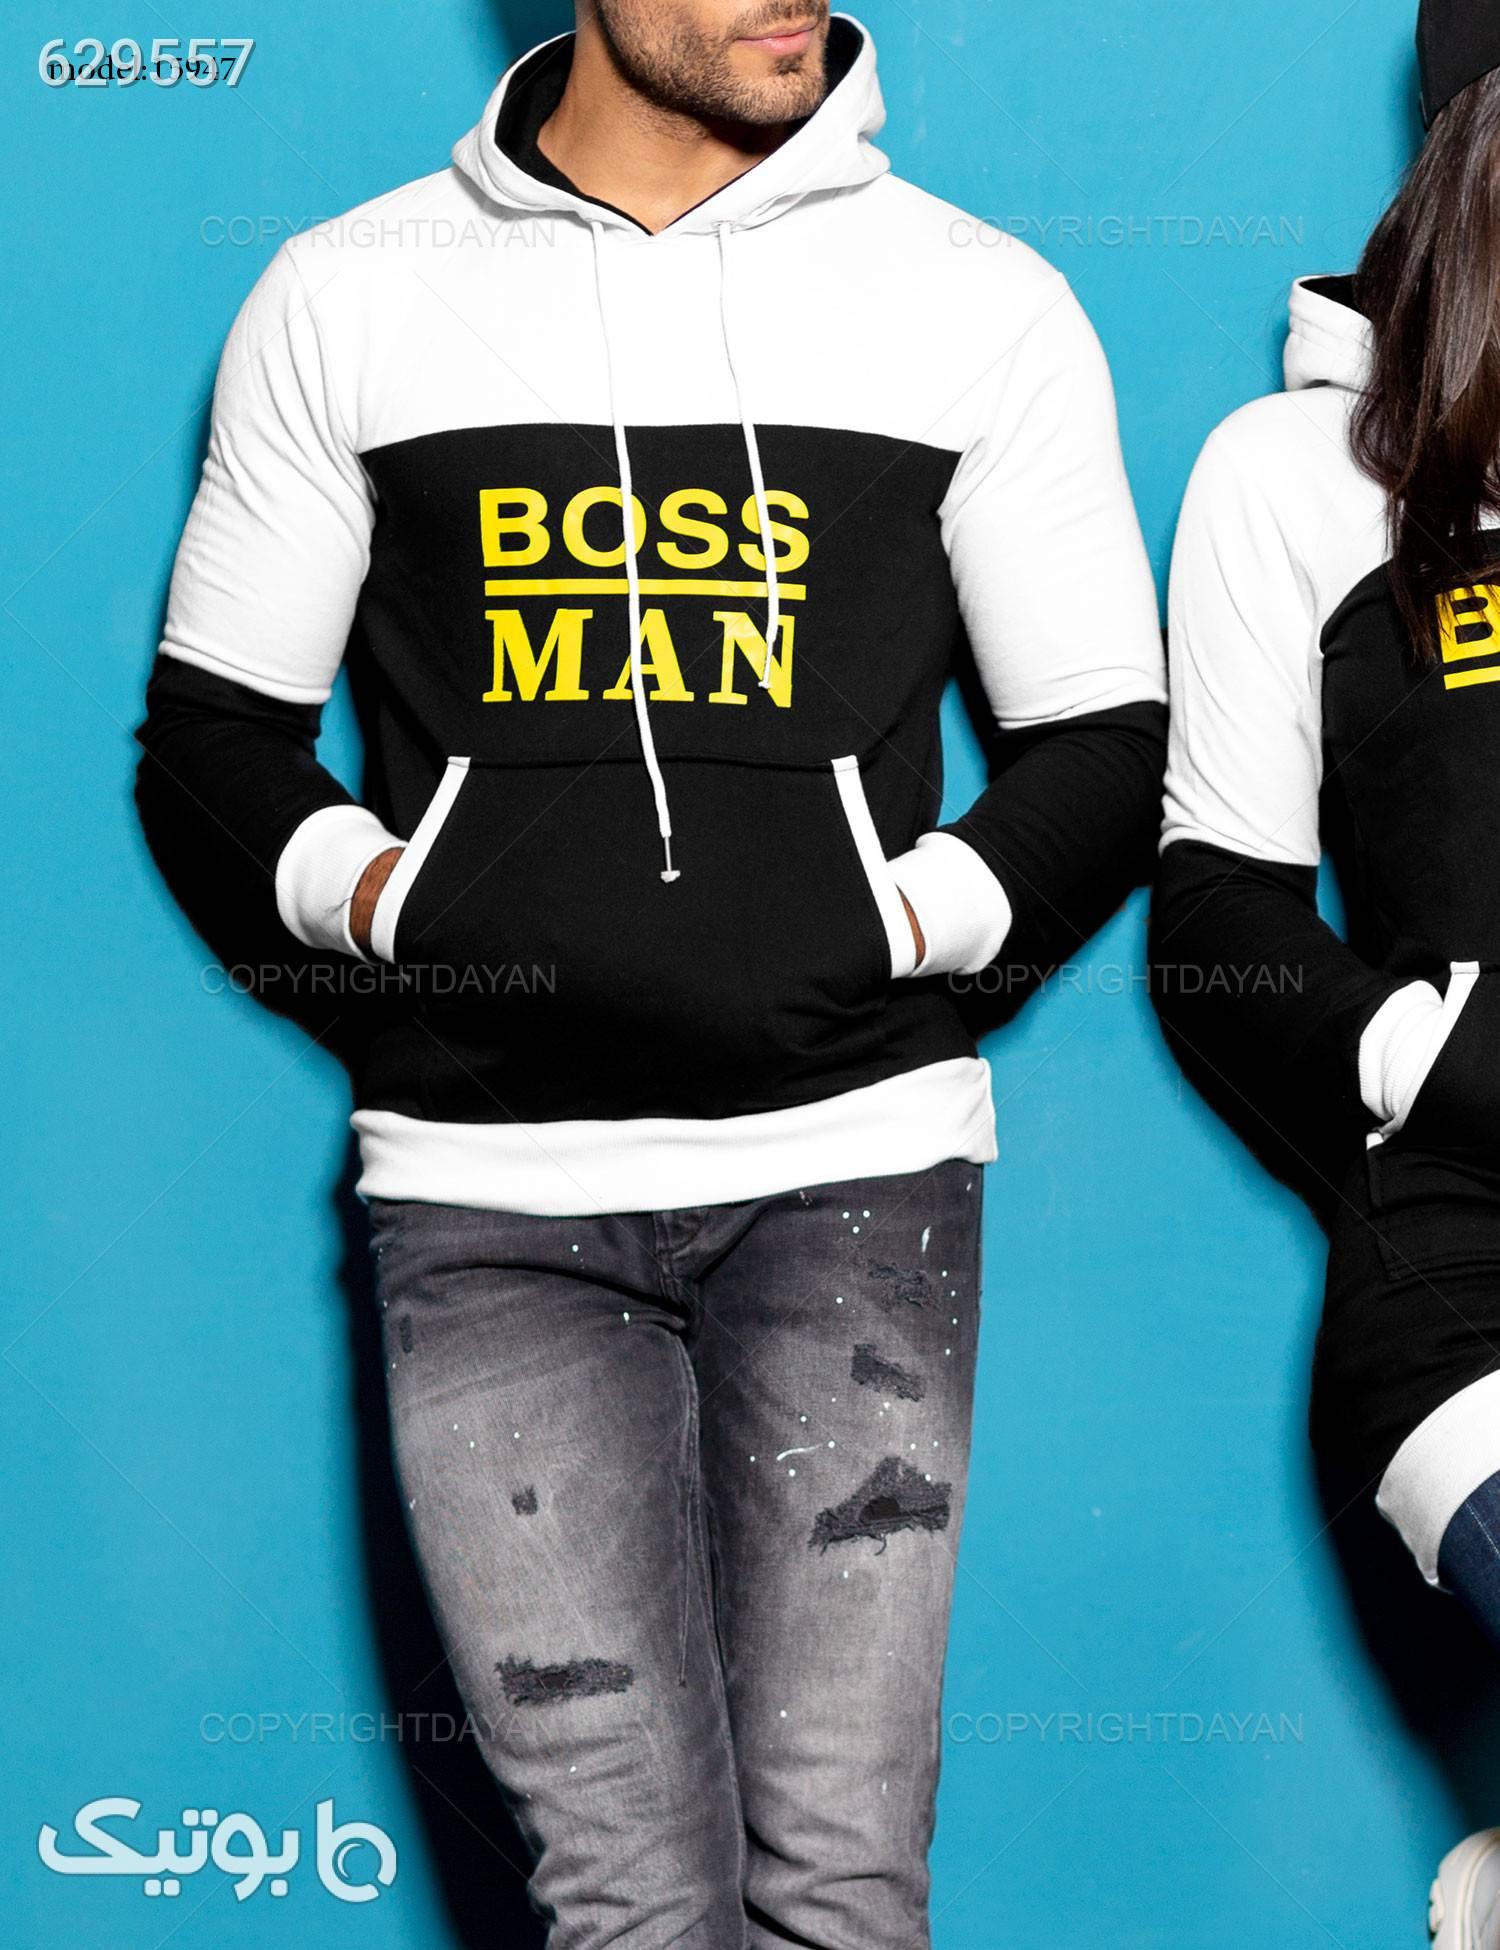 ست دونفره Boss مدل 15947 مشکی ست زوج و خانواده